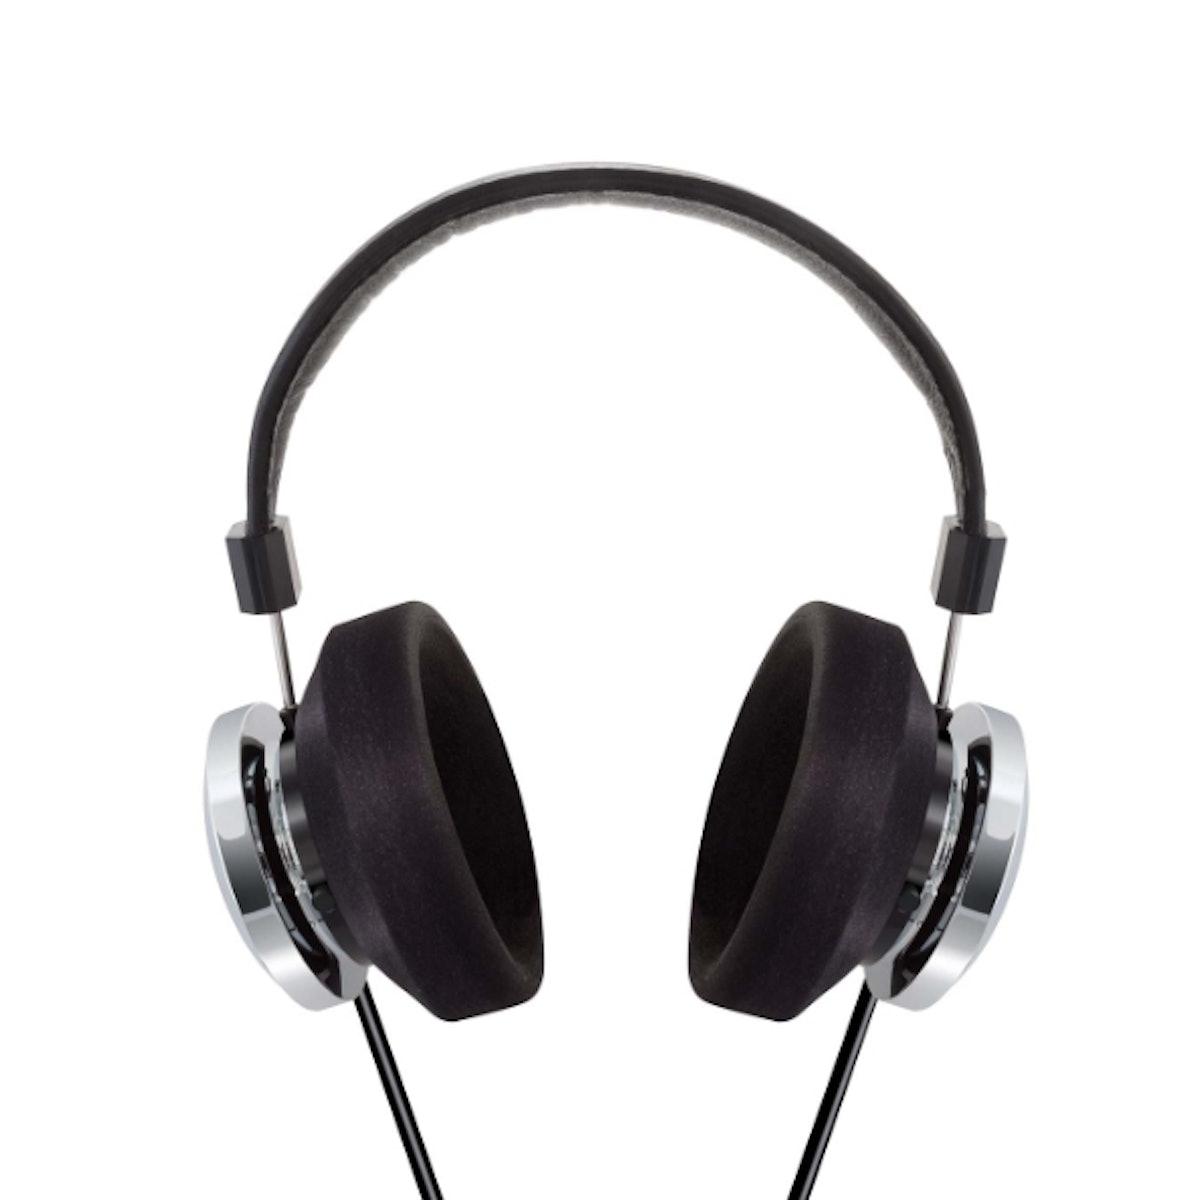 9.-GRADO-PS1000e-$1695-4OUREARS.NET